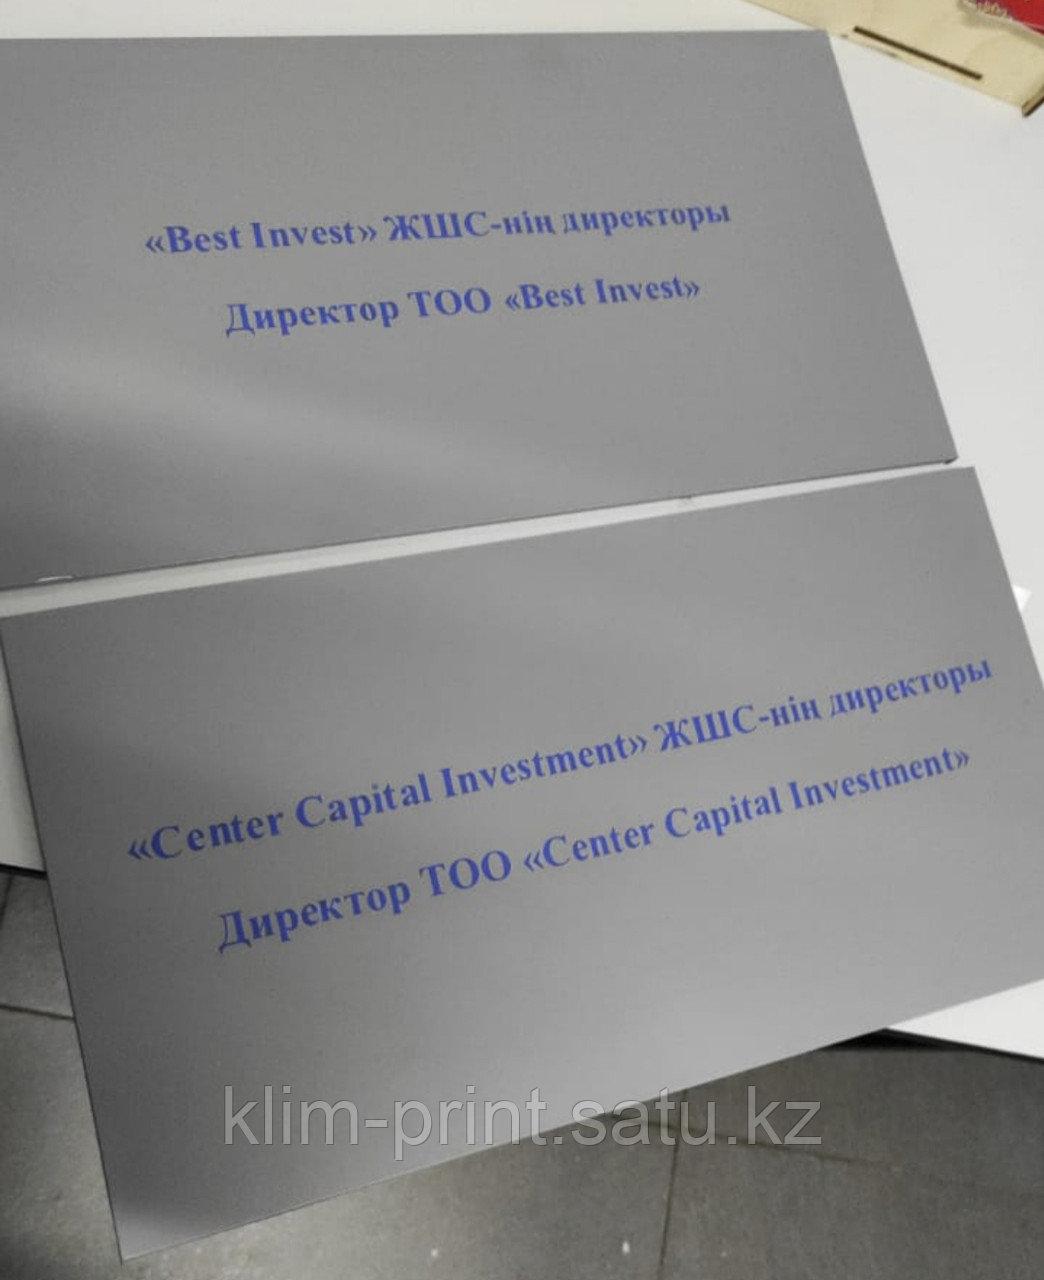 Таблички из серого оракала с резкой синего цвета